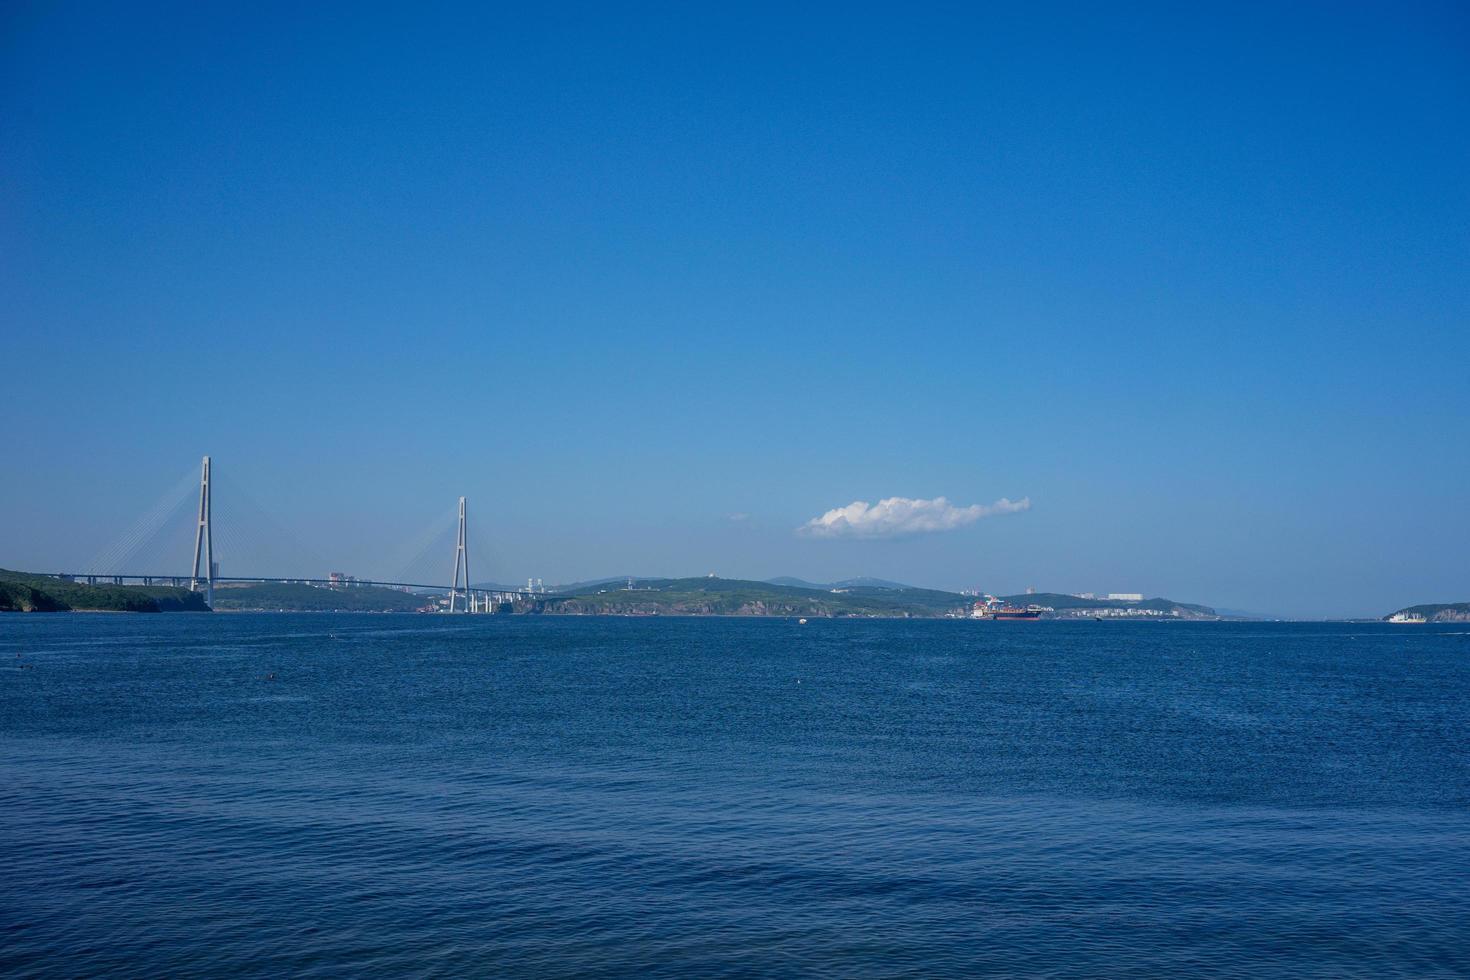 marint landskap med utsikt över den ryska bron i horisonten. foto